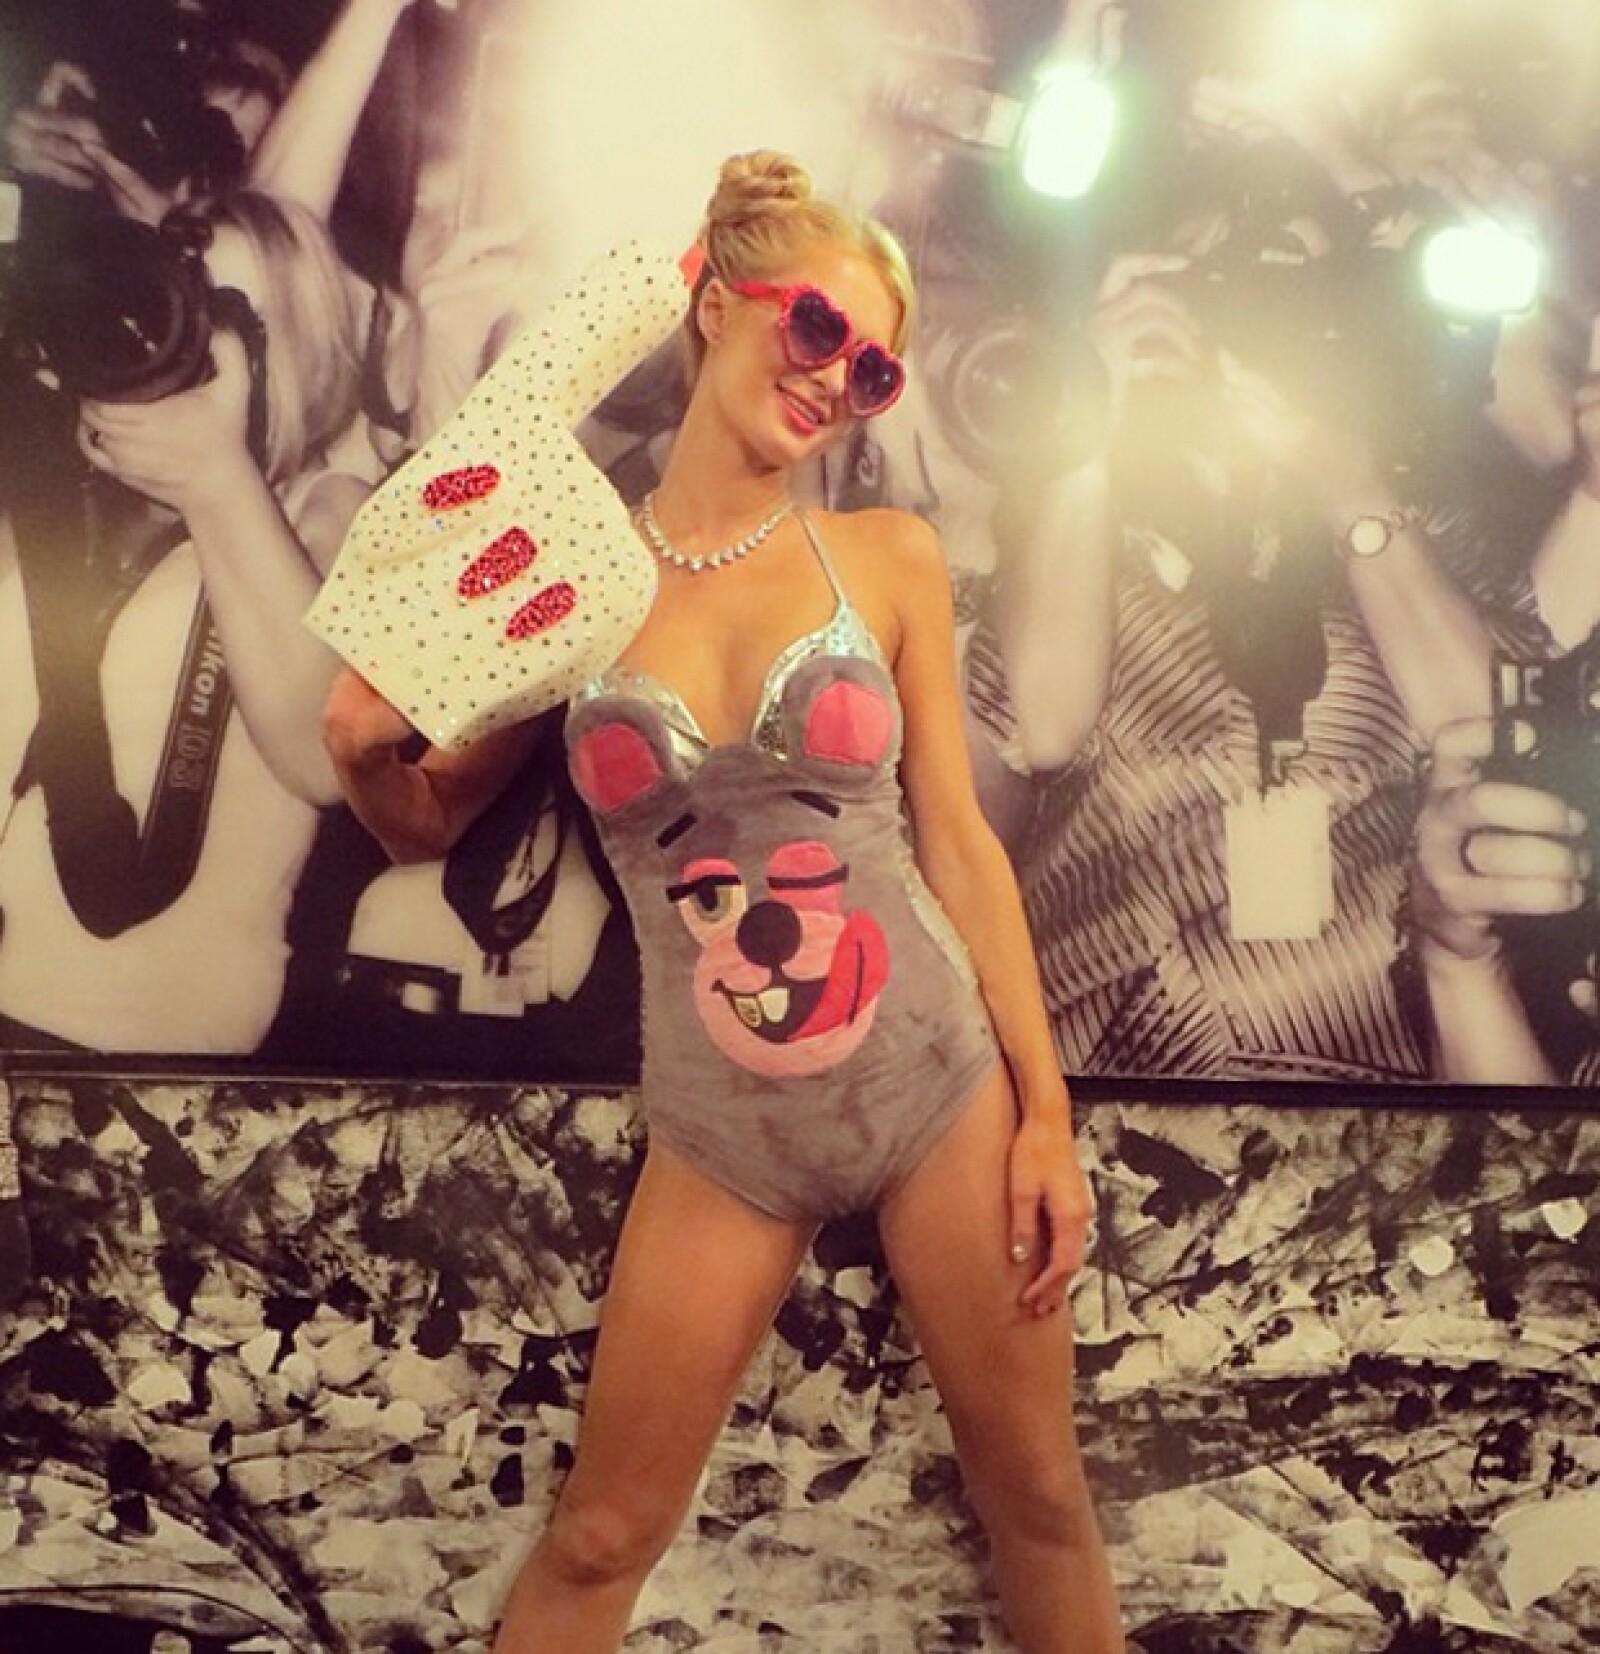 Es evidente que iba a suceder. Sí, Miley Cyrus ya tiene su propio disfraz de Halloween y a quien le quedó como anillo al dedo fue a Paris Hilton. Tampoco es que veamos mucha diferencia entre las dos.